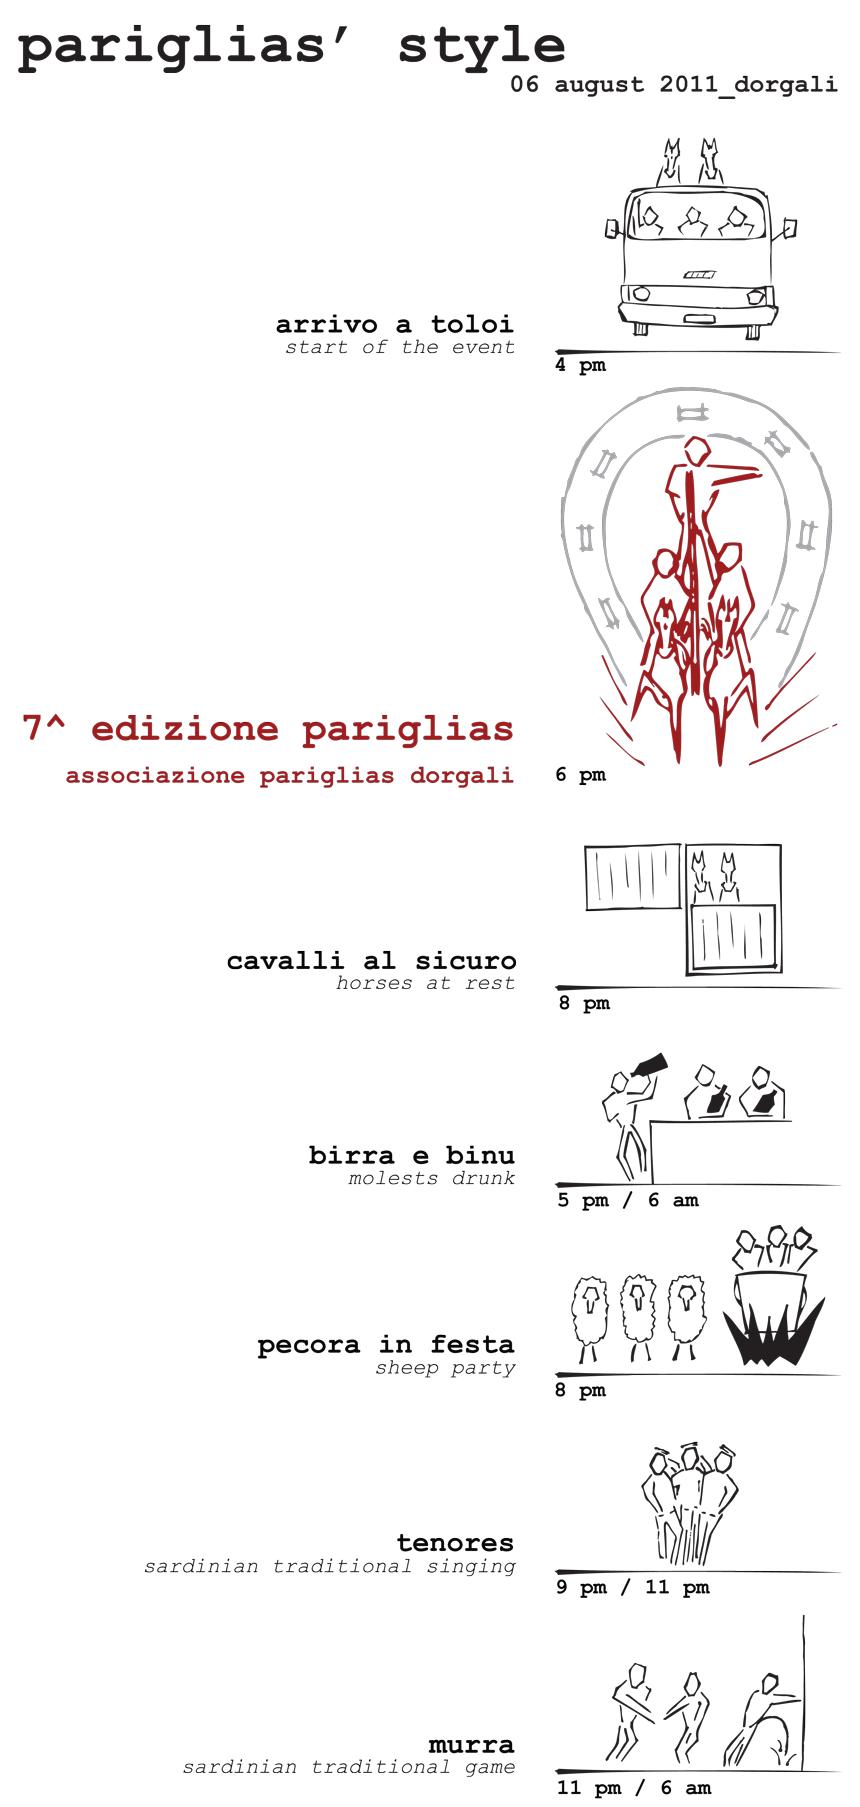 MAGLIETTA-PARIGLIE-DORGALI